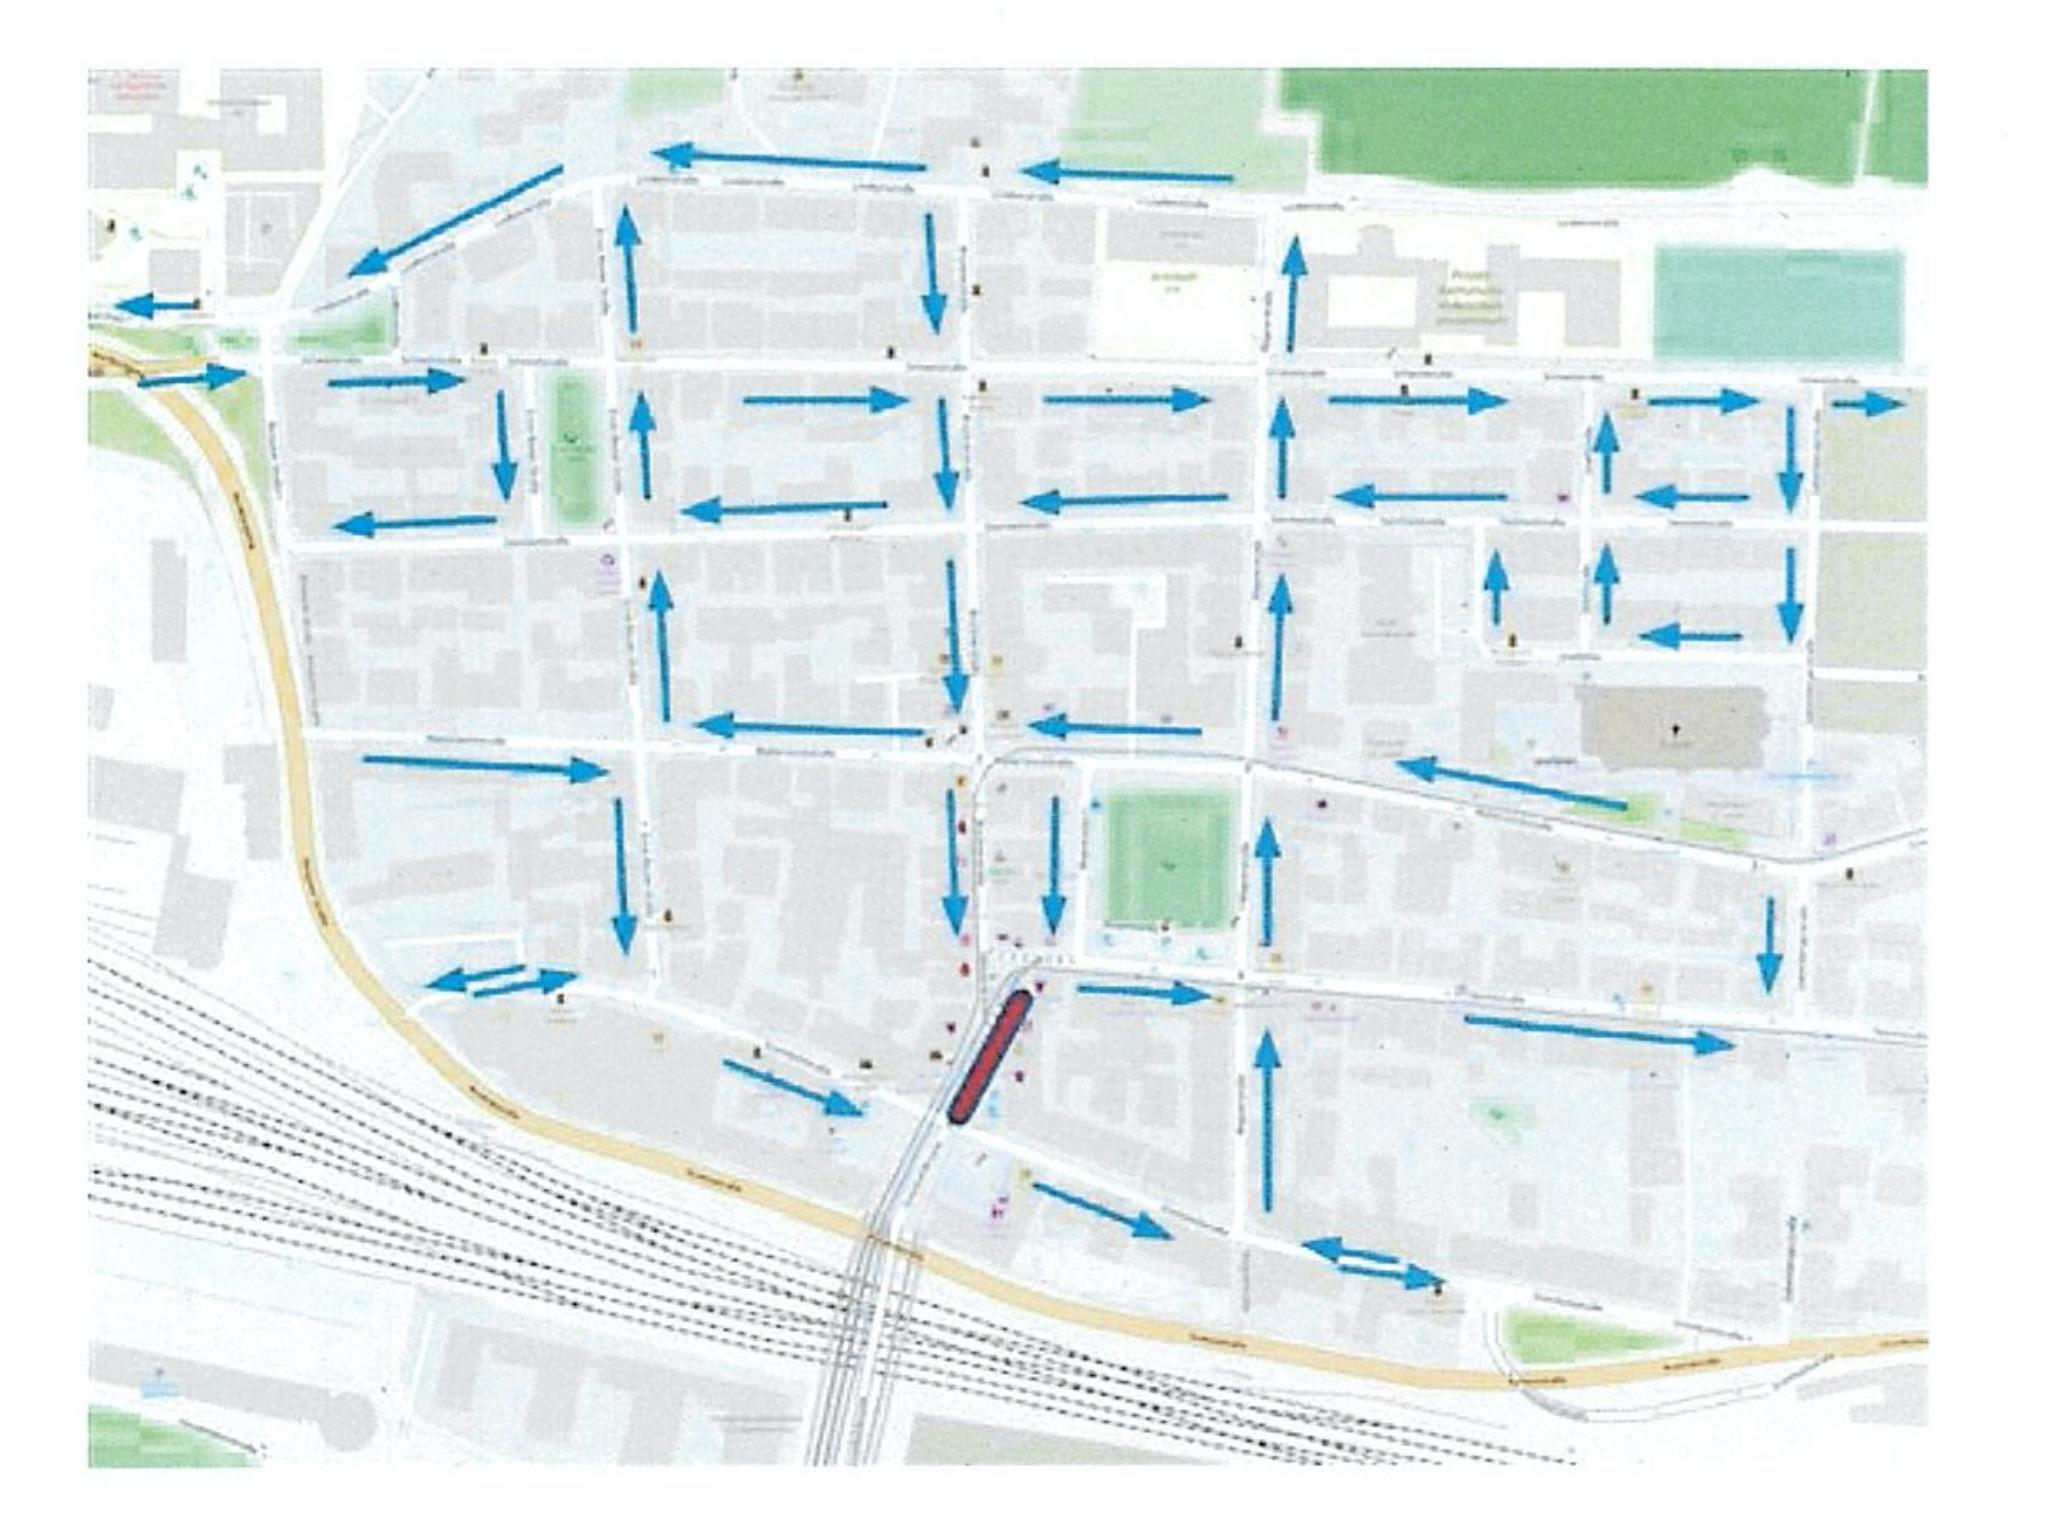 Mit einem Einbahnkonzept soll in Grombühl mehr Platz für Fußgänger und Radfahrer entstehen. Grafik: Stadtratsfraktion Bündnis 90/ Die Grünen Würzburg